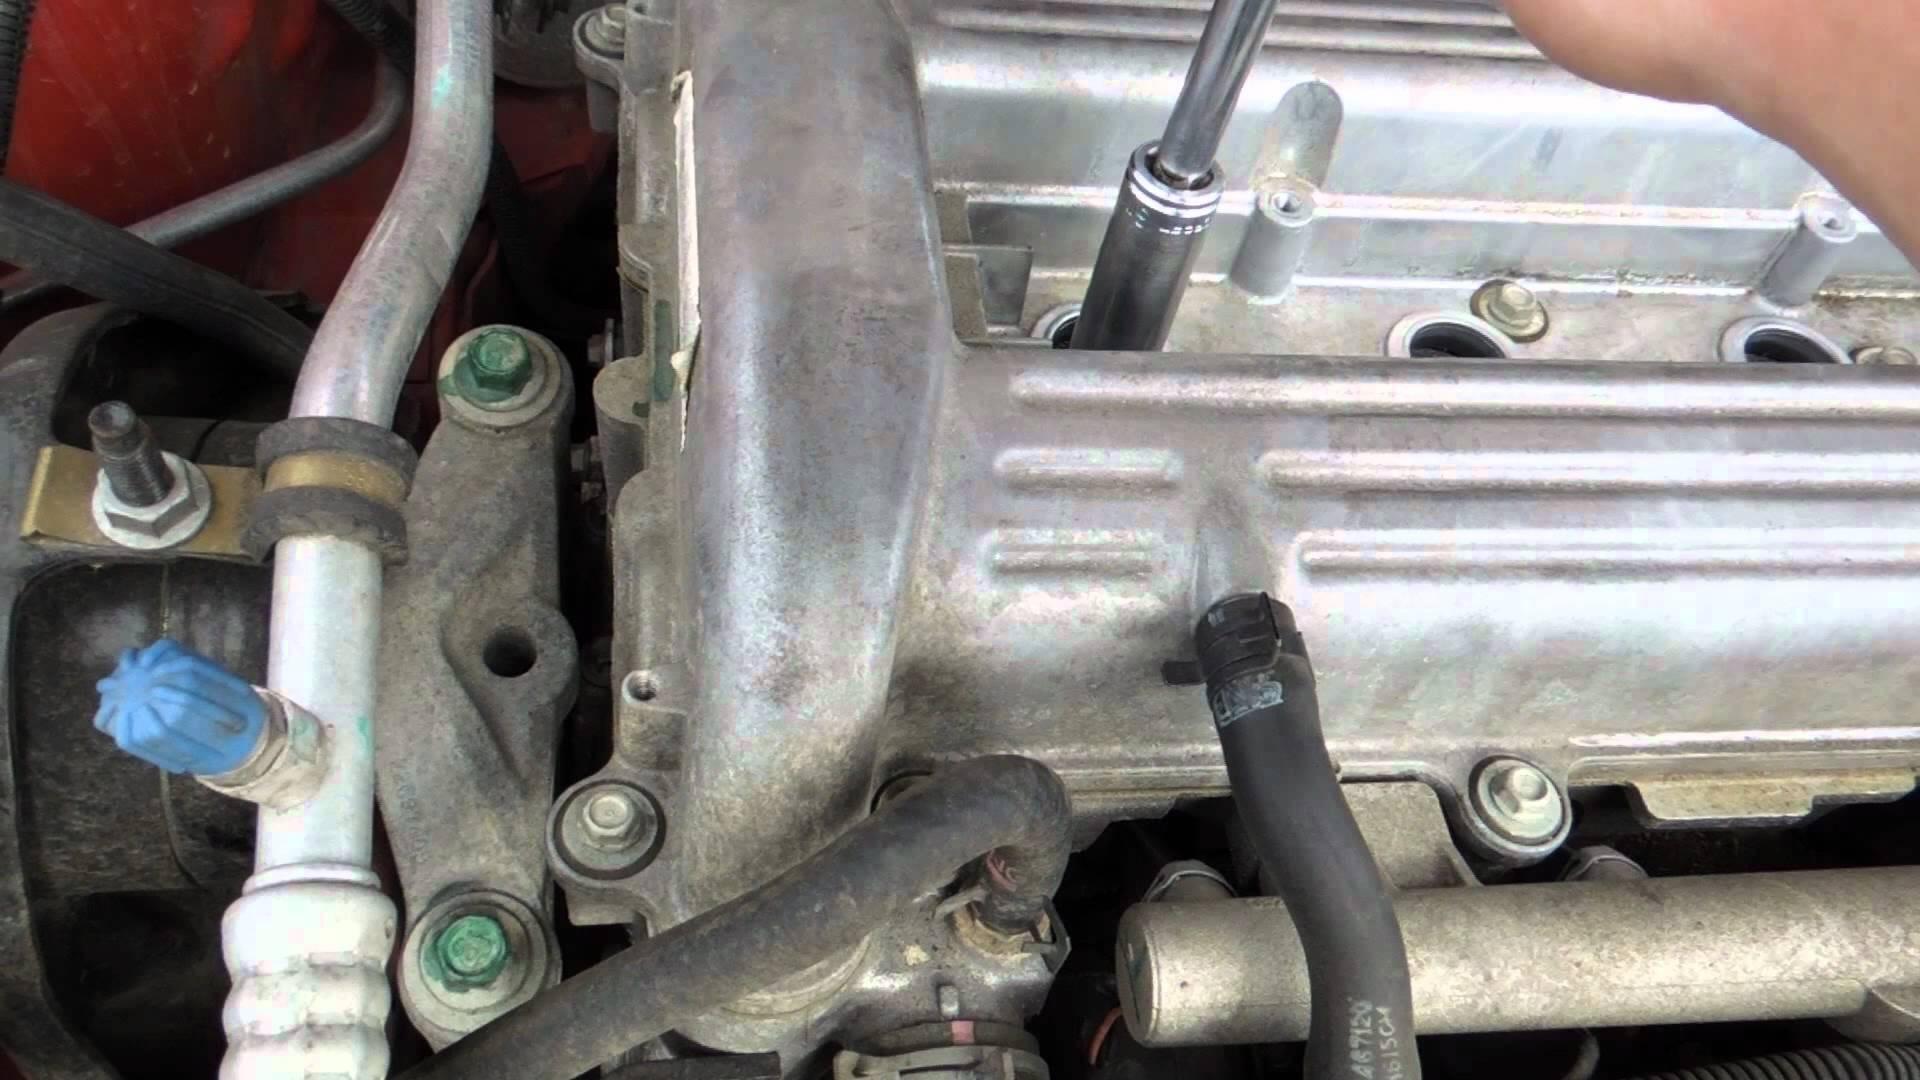 Pontiac Sunfire Engine Diagram How to Change Spark Plugs On Pontiac Sunfire Of Pontiac Sunfire Engine Diagram